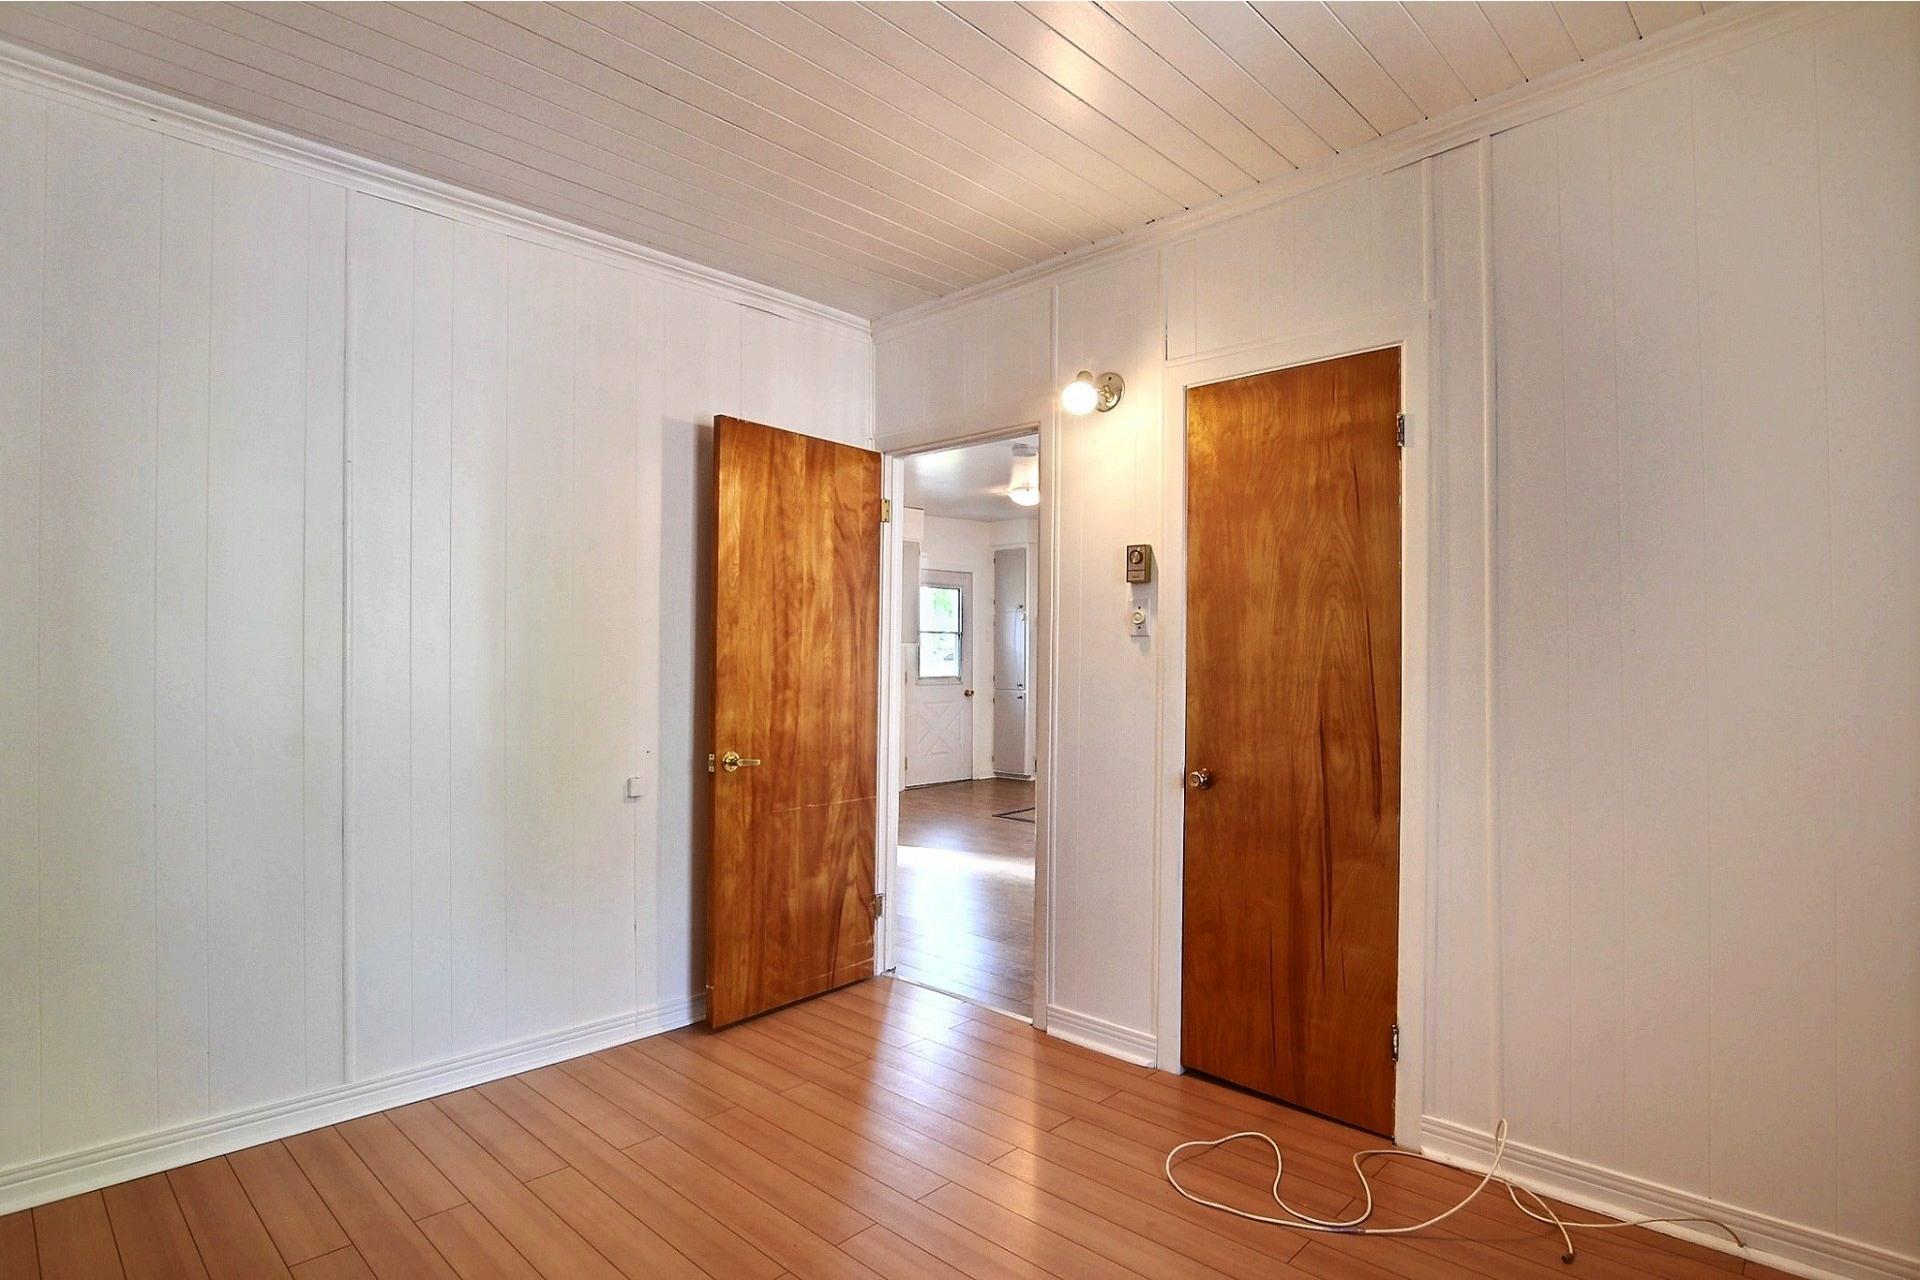 image 10 - Duplex For sale Sainte-Anne-des-Plaines - 4 rooms